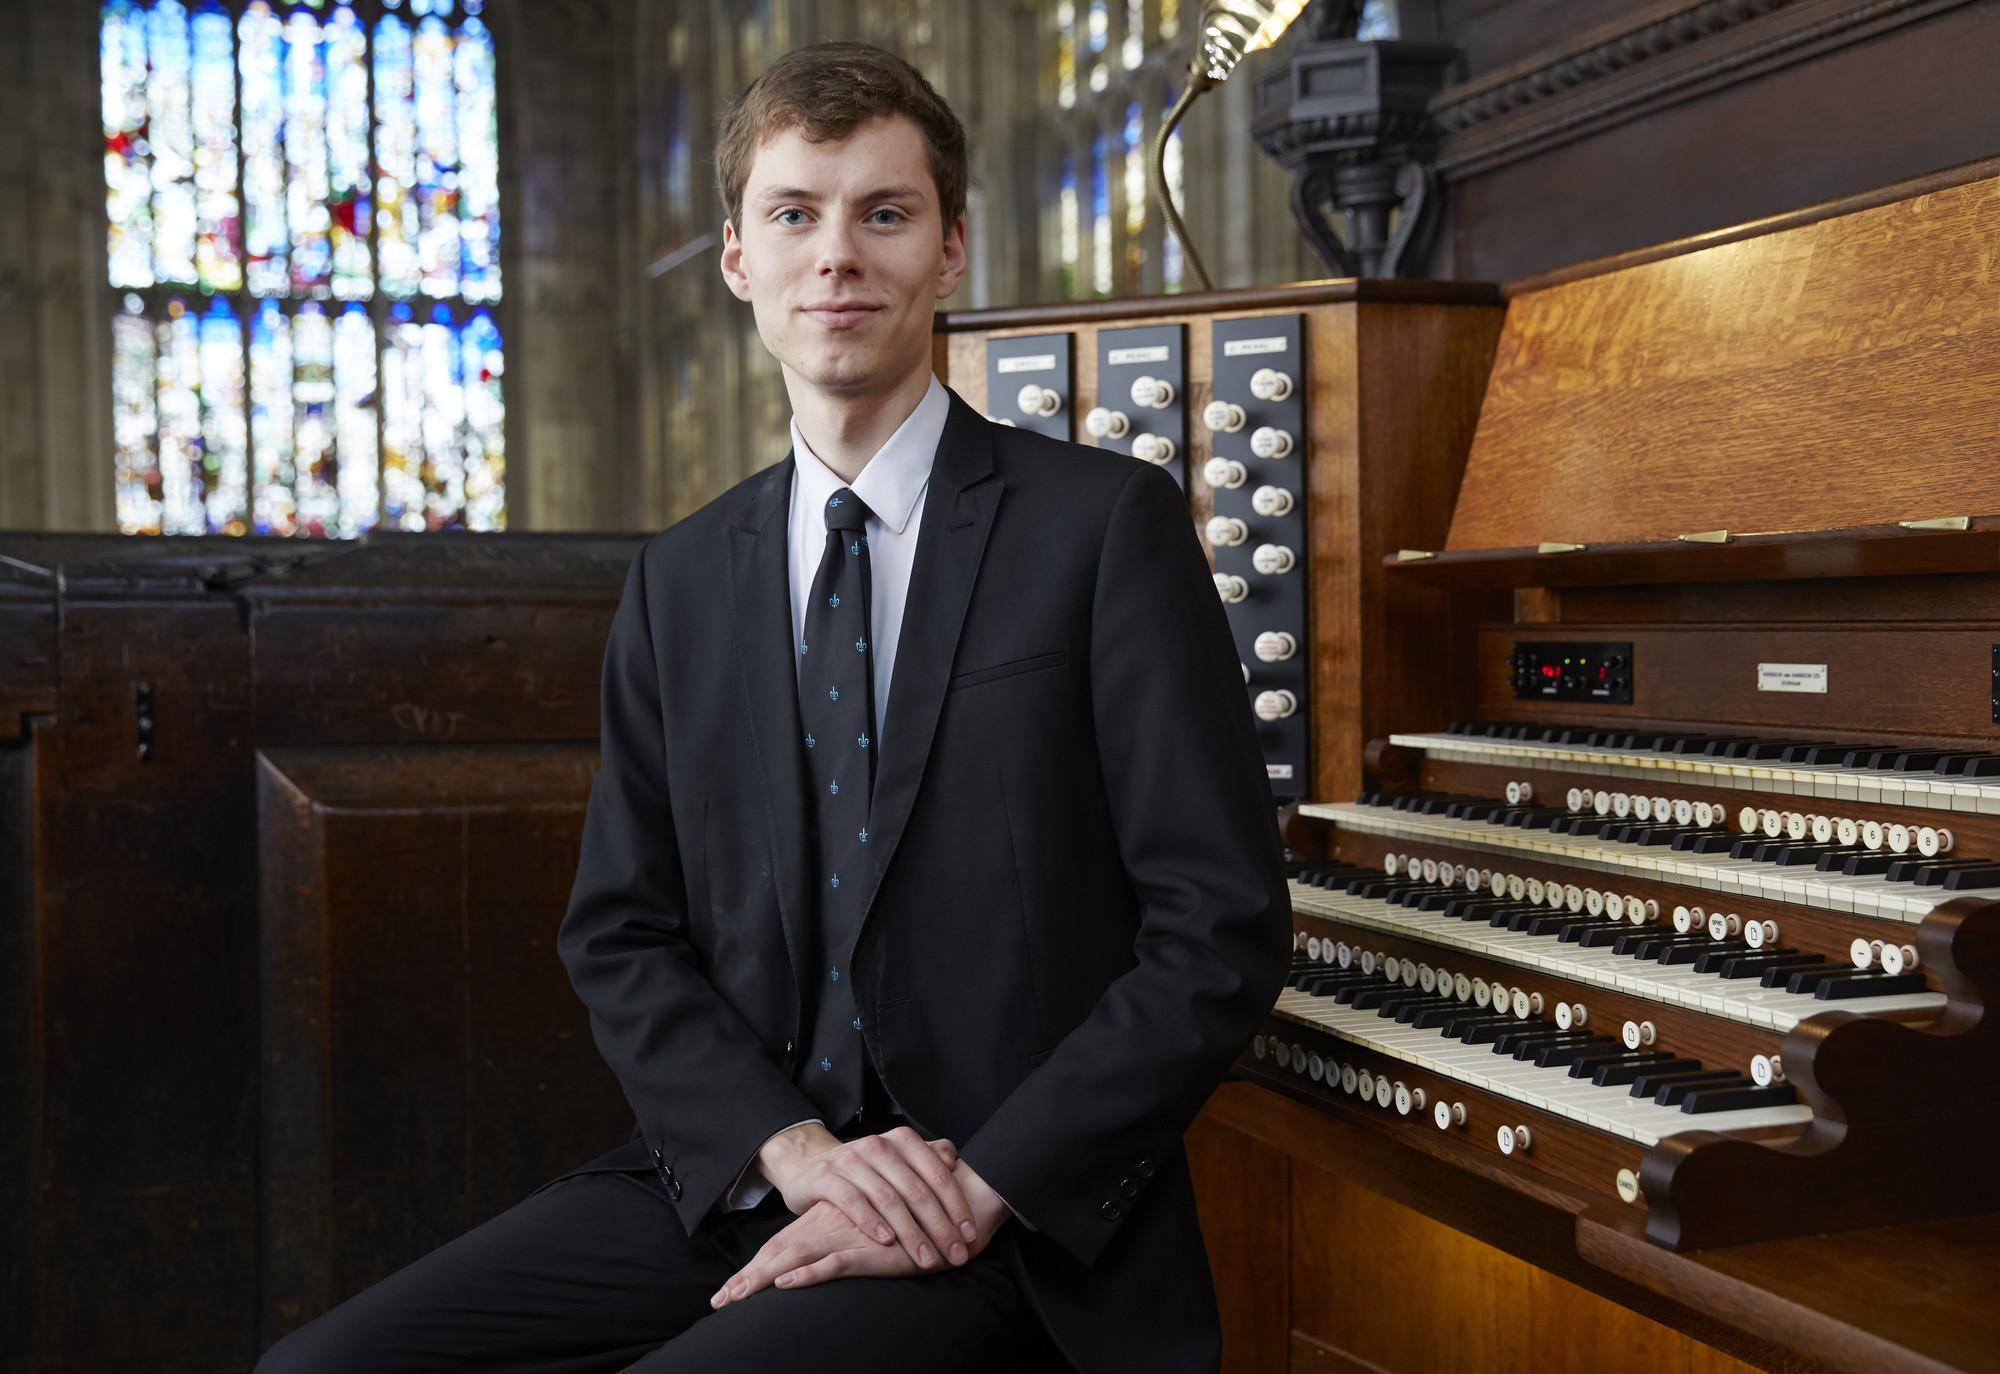 rs2656_kings_college_choir_organistsl_008-lpr